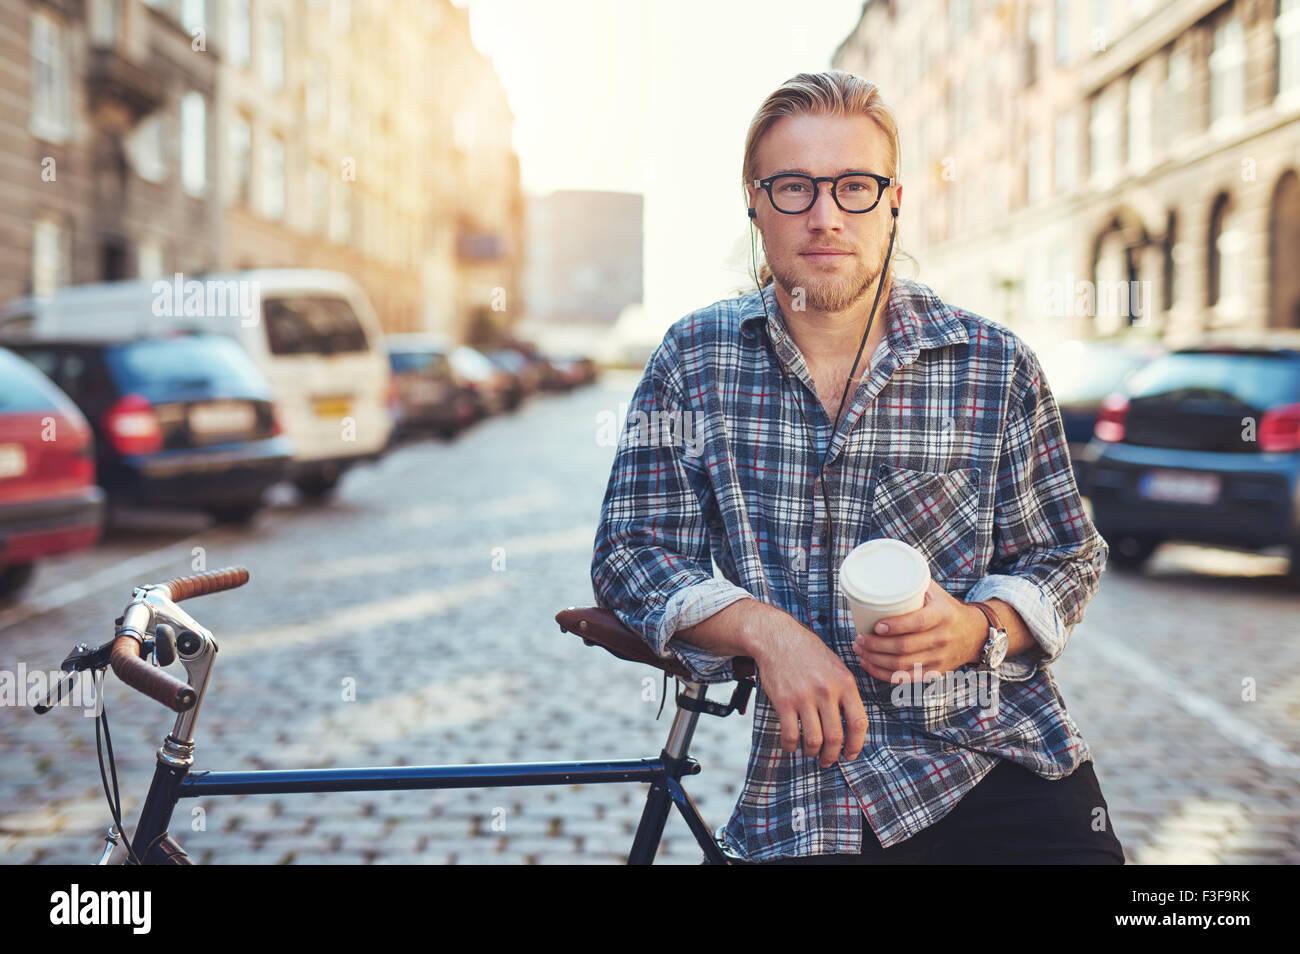 Cool Mann, Blick in die Kamera. City-Lifestyle, genießt das Leben in der Stadt Stockfoto